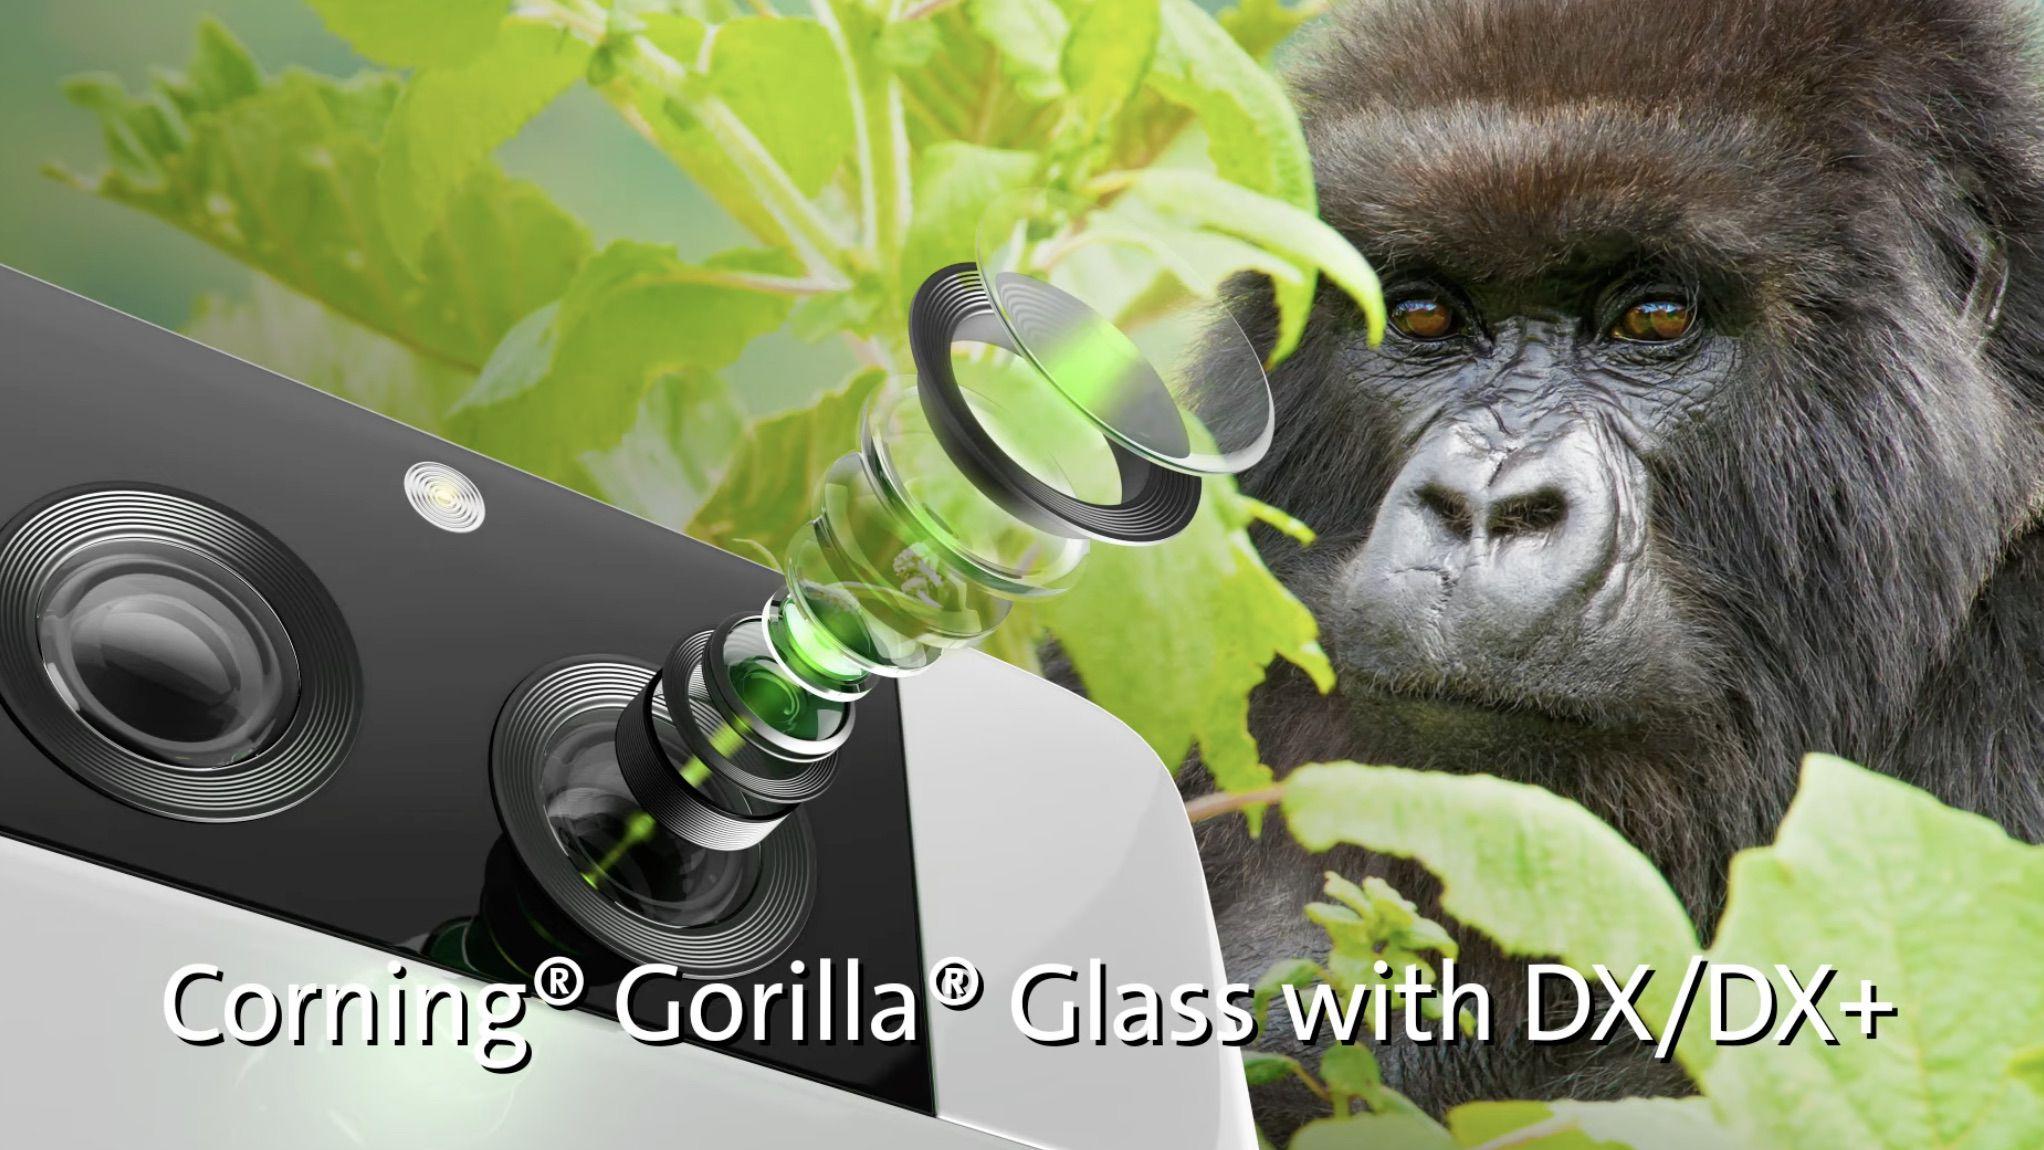 Apple Supplier Corning Releases New Gorilla Glass for Camera Lenses